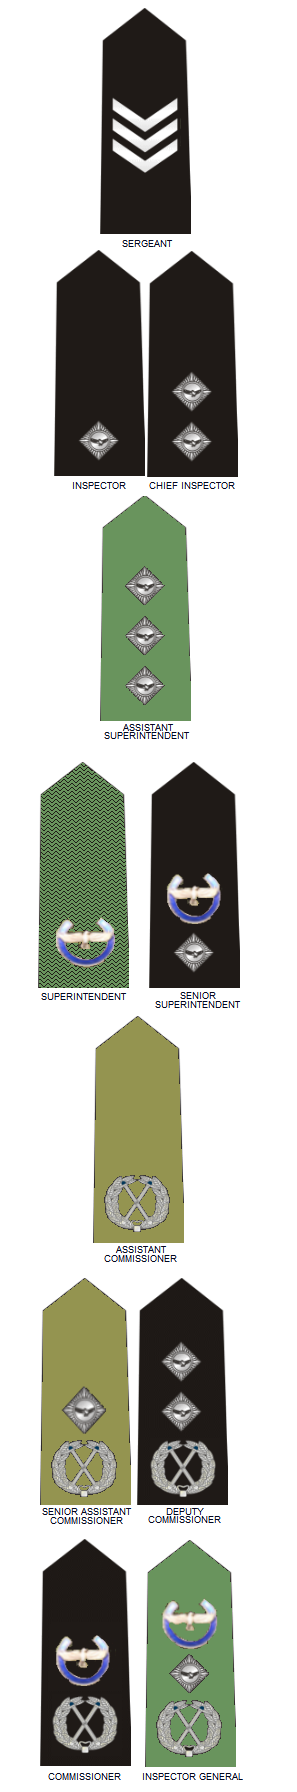 Zambia Police (2010-2011)